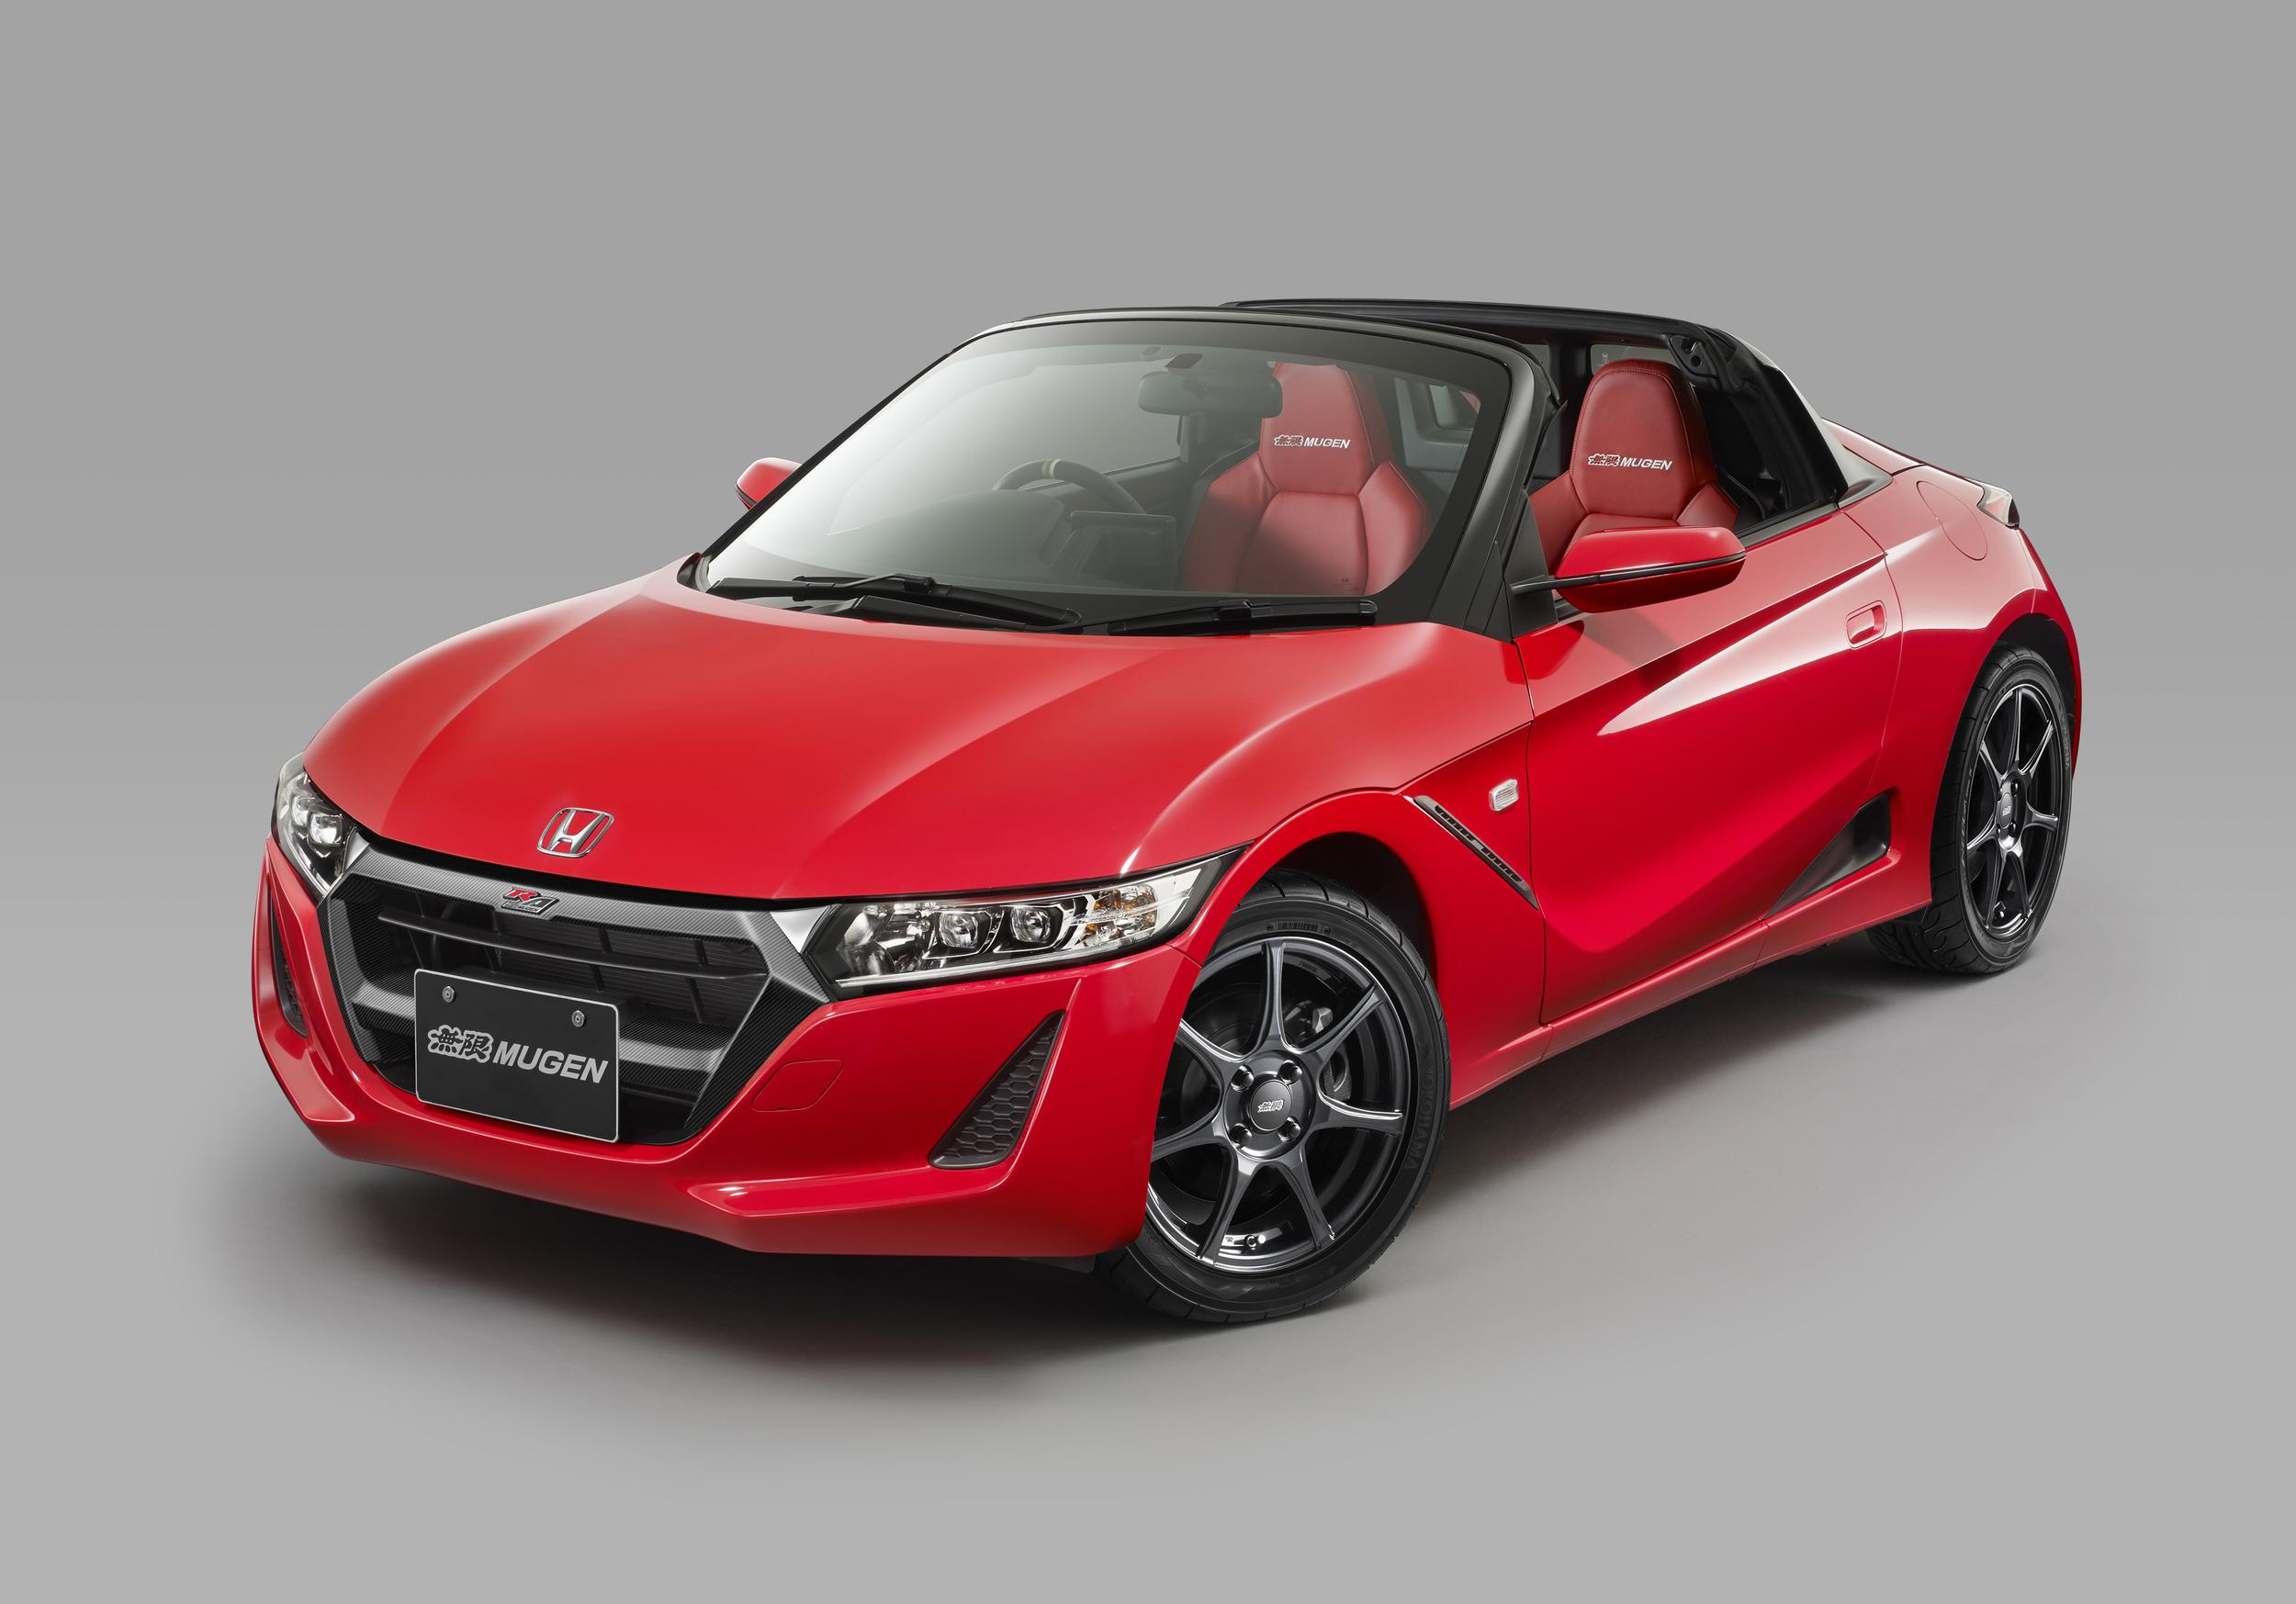 Новый концептуальный автомобиль Хонда получил уникальные кузовные панели